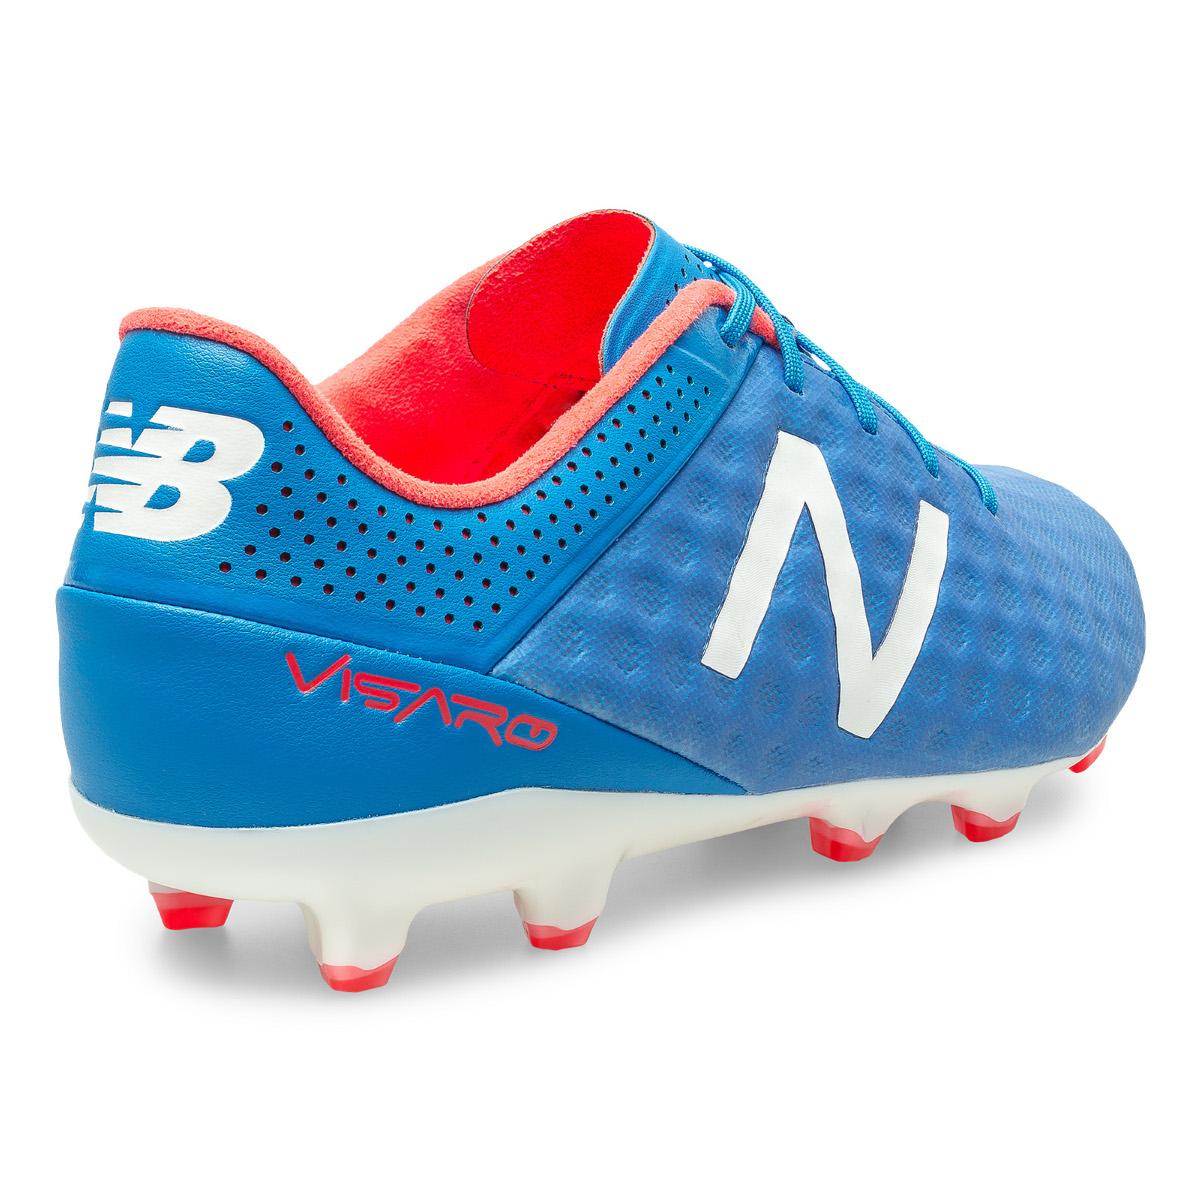 new balance blue boots